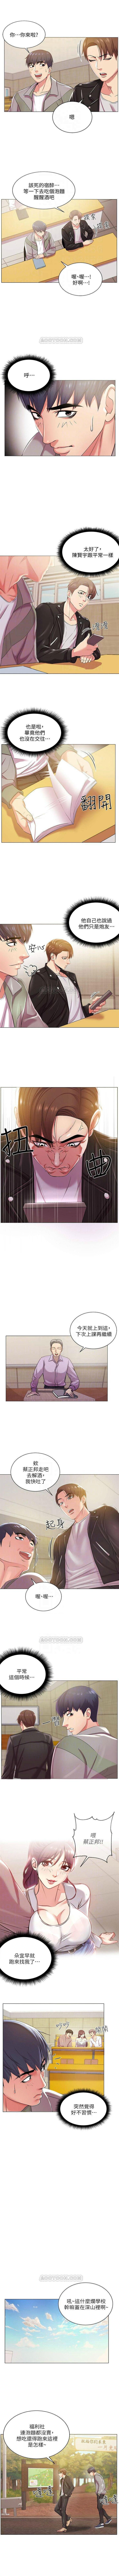 (週3)超市的漂亮姐姐 1-18 中文翻譯(更新中) 73